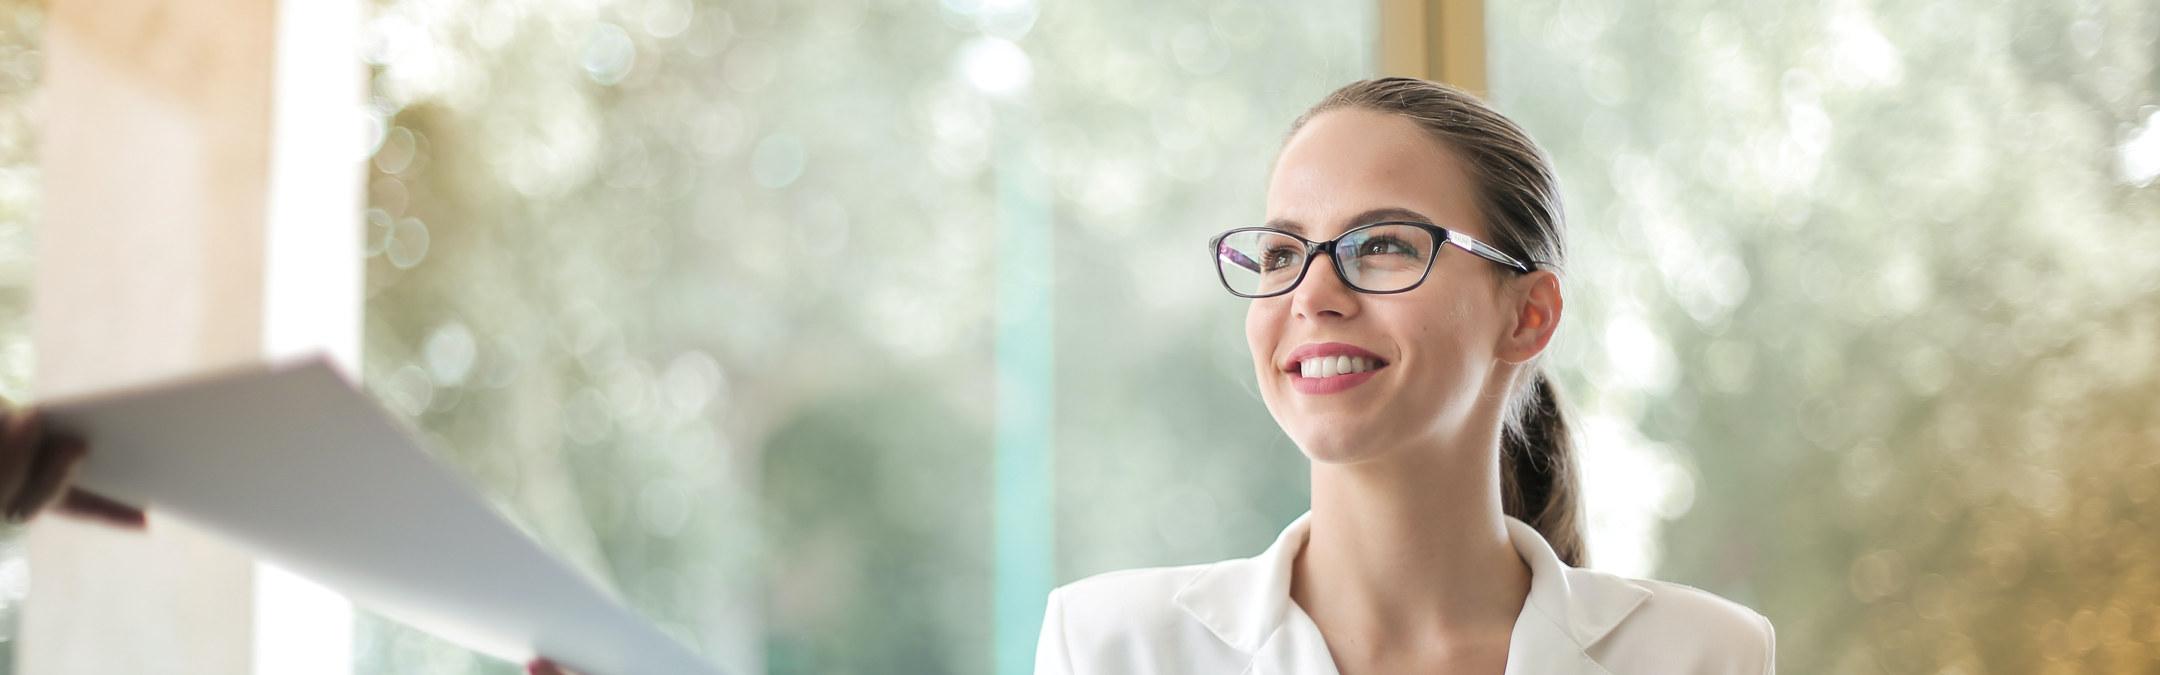 Foto: Dame med briller smiler